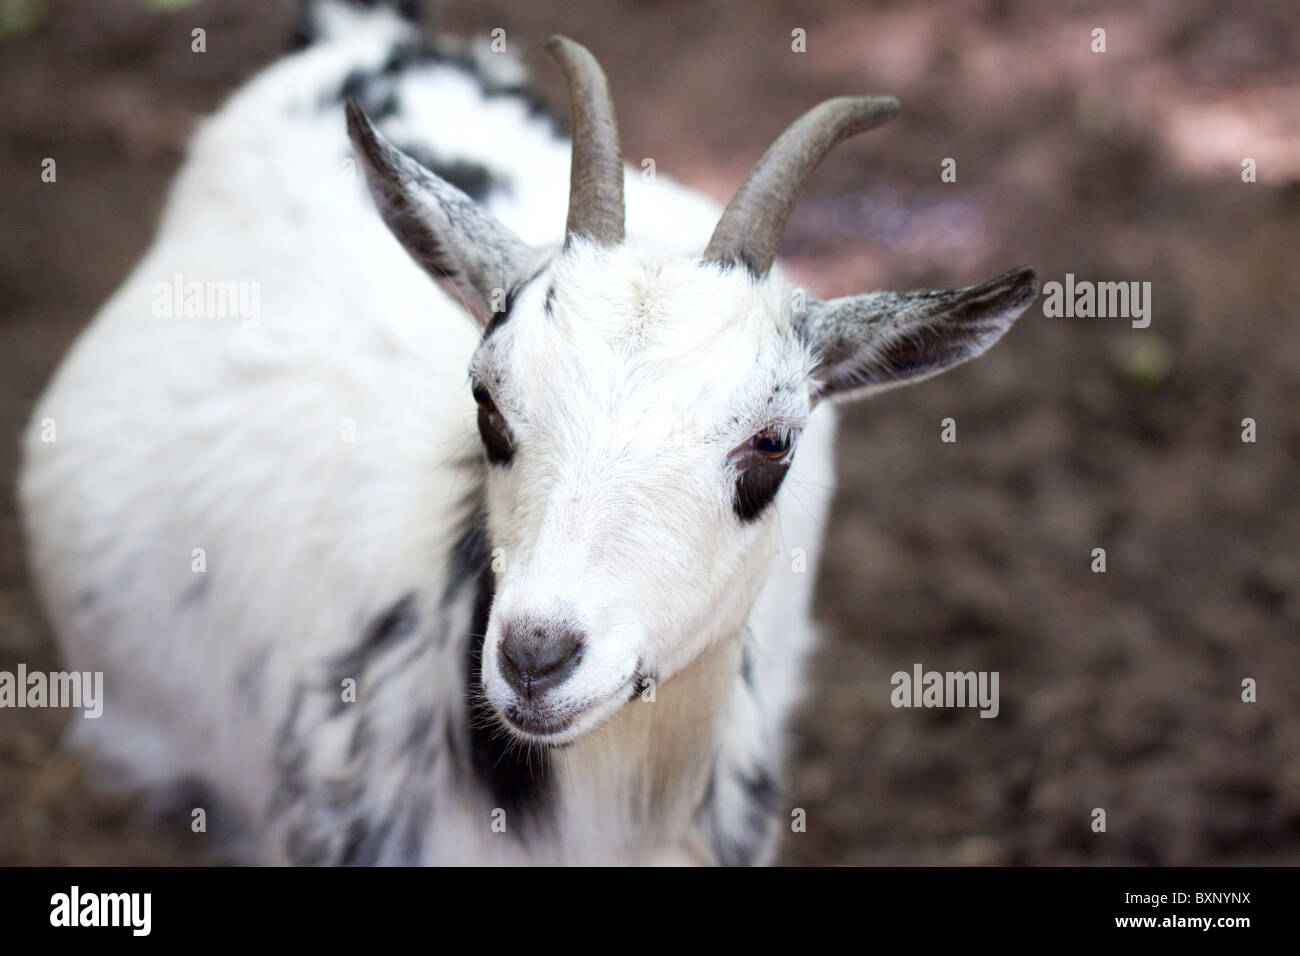 A pygmy goat - Stock Image